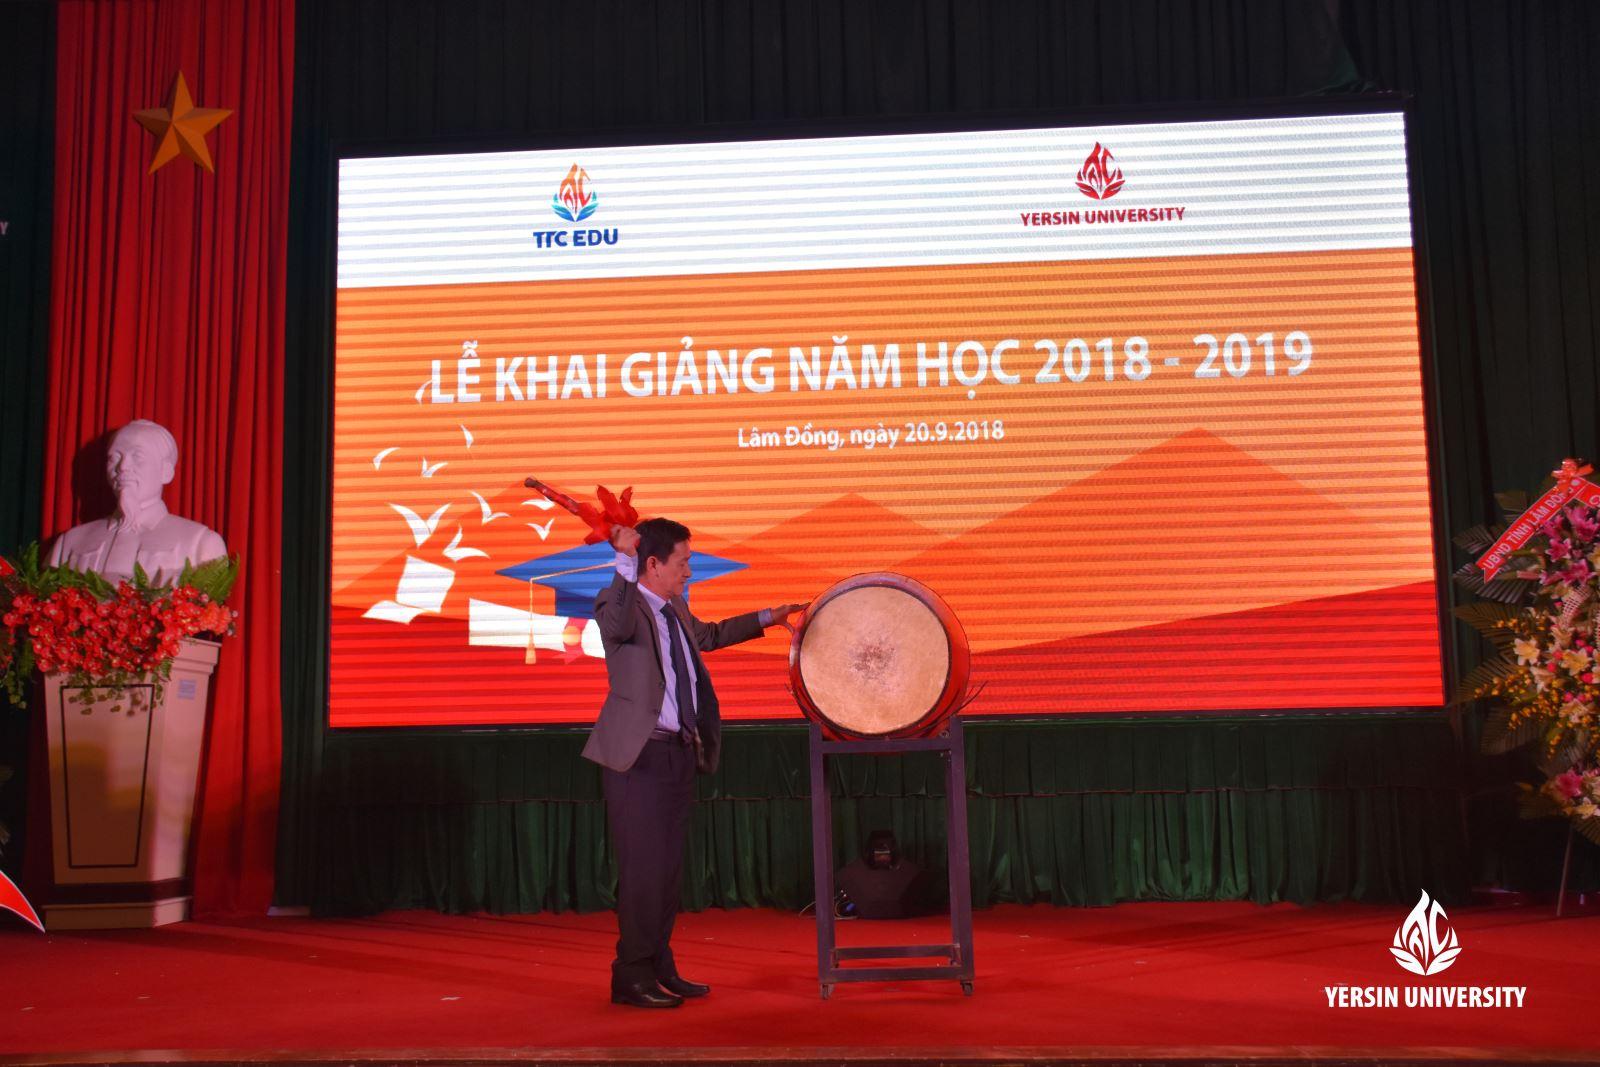 Ông Phan Văn Đa - Tỉnh ủy viên, Phó Chủ tịch UBND tỉnh Lâm Đồng đánh trống khai giảng